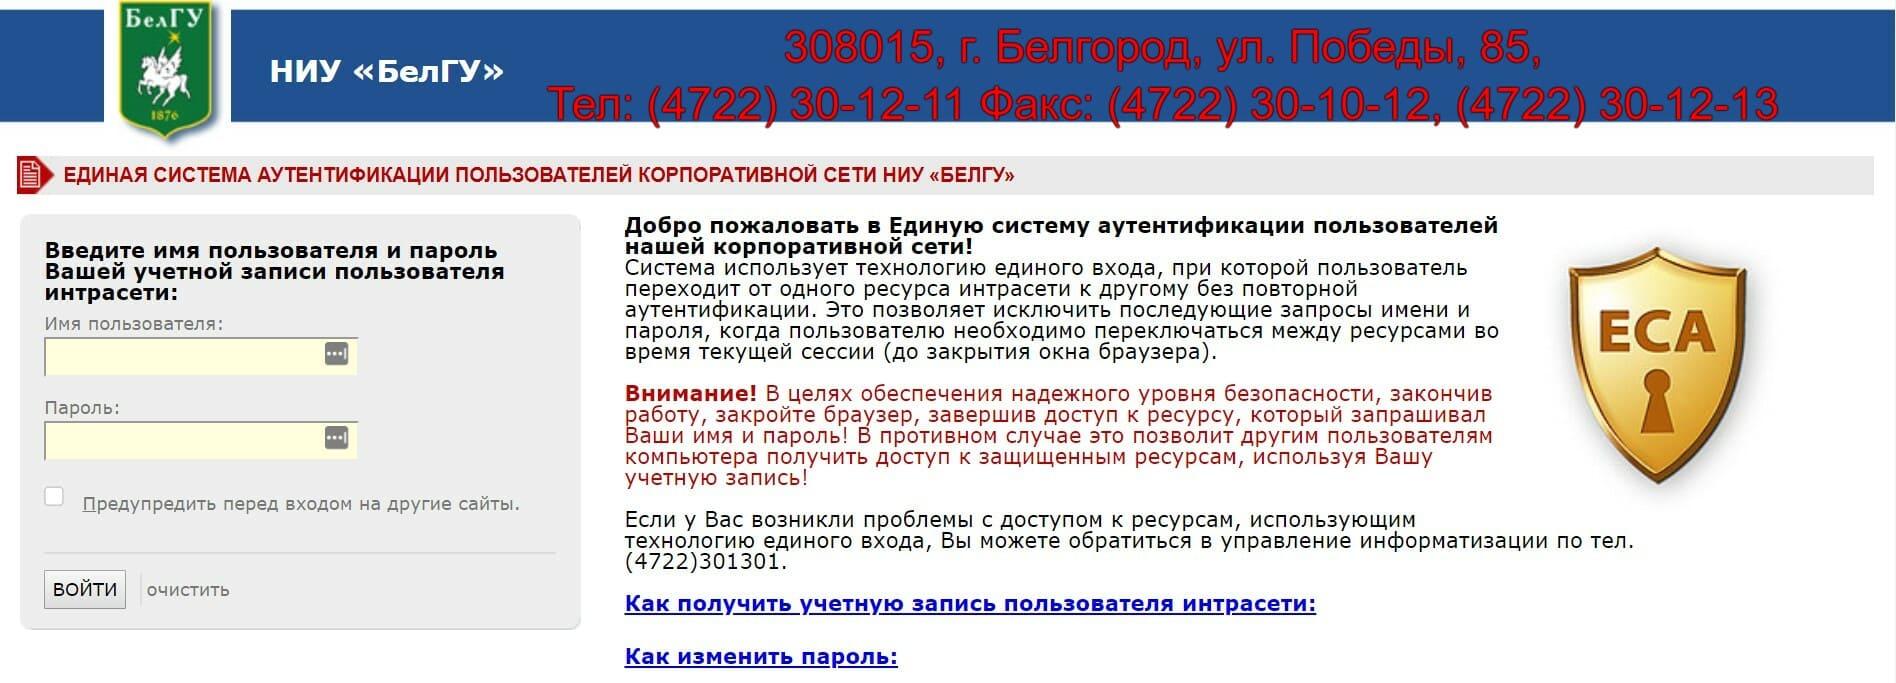 Ссылка на сайт Белгородского государственного национального исследовательского университета